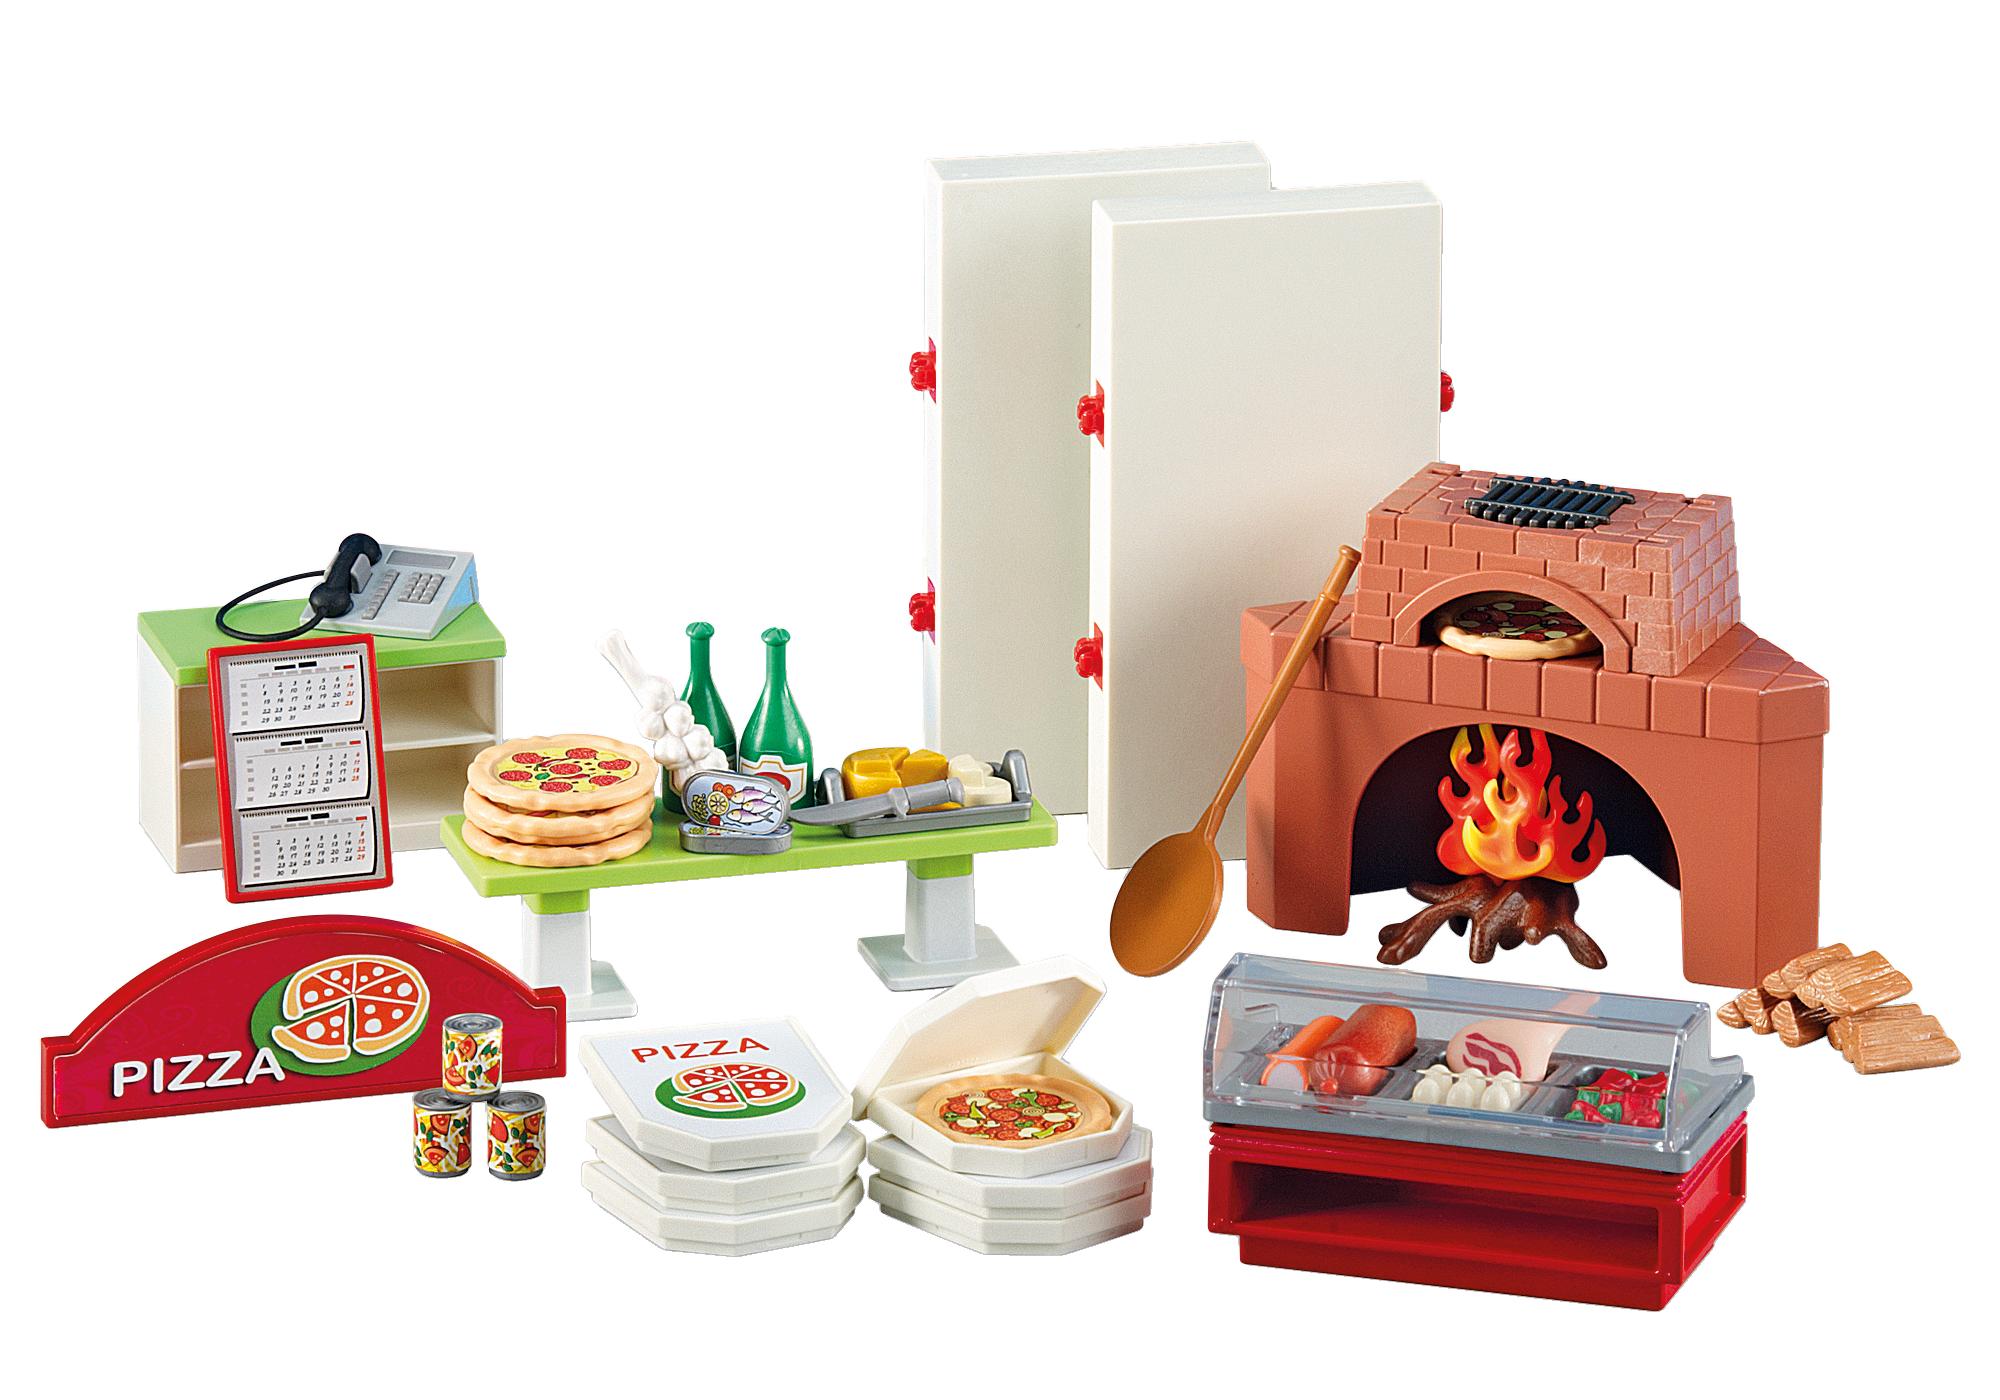 http://media.playmobil.com/i/playmobil/6291_product_detail/Aménagement pizzeria